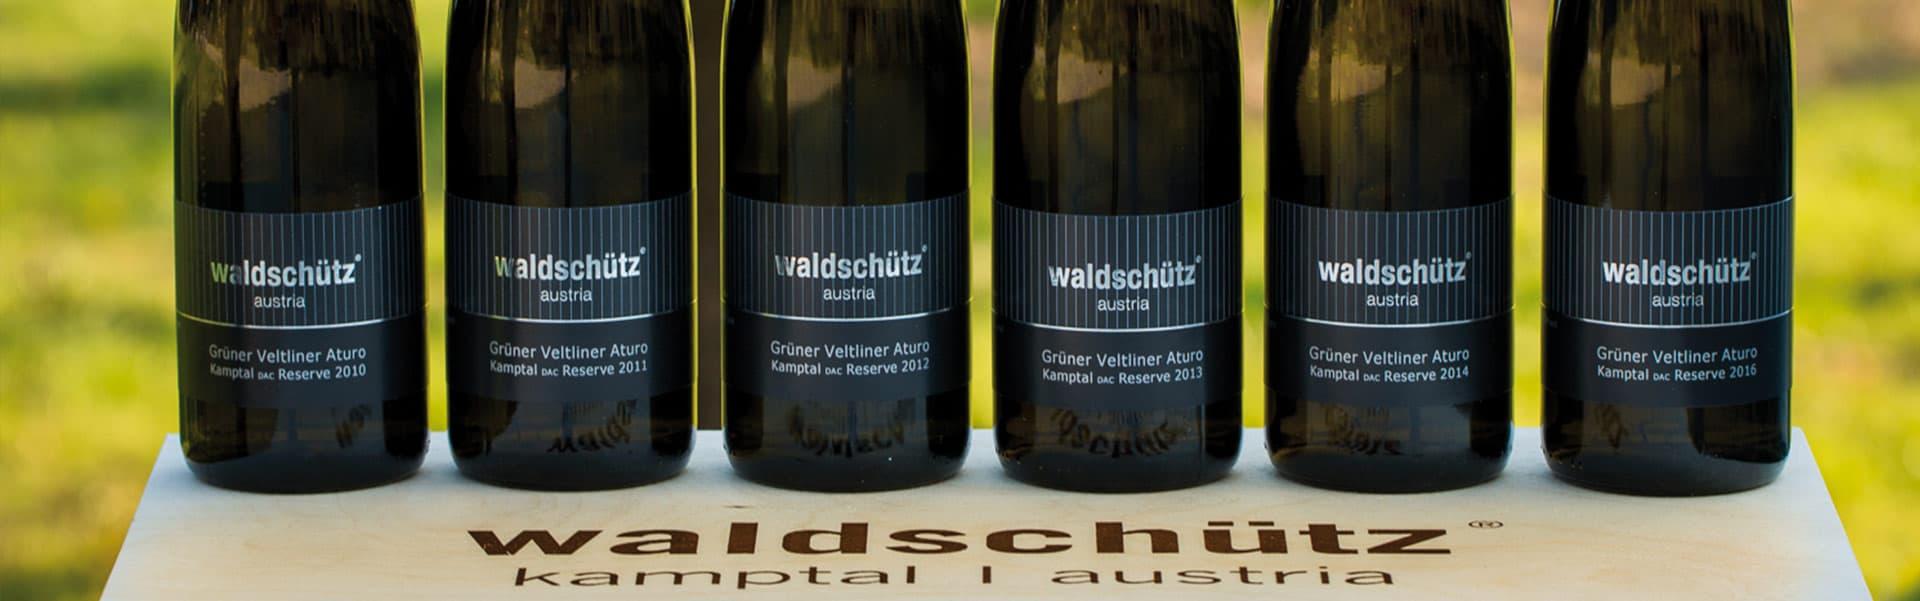 Weinkellerei Meraner Weingut Waldschütz